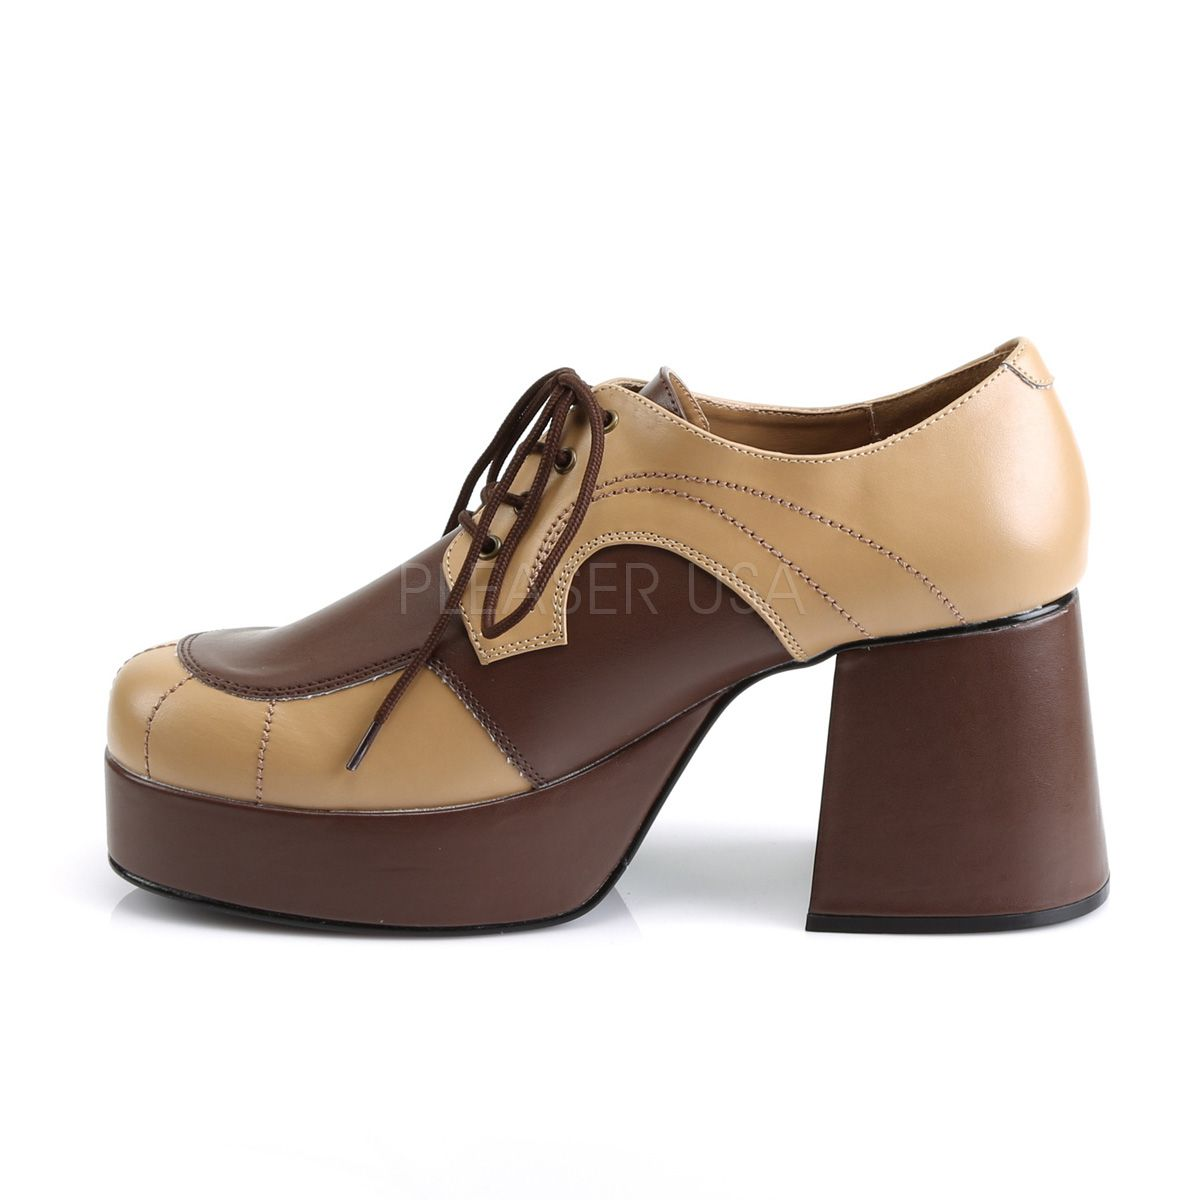 Zapato de plataforma para hombre de estilo jazz vintage en dos tonos